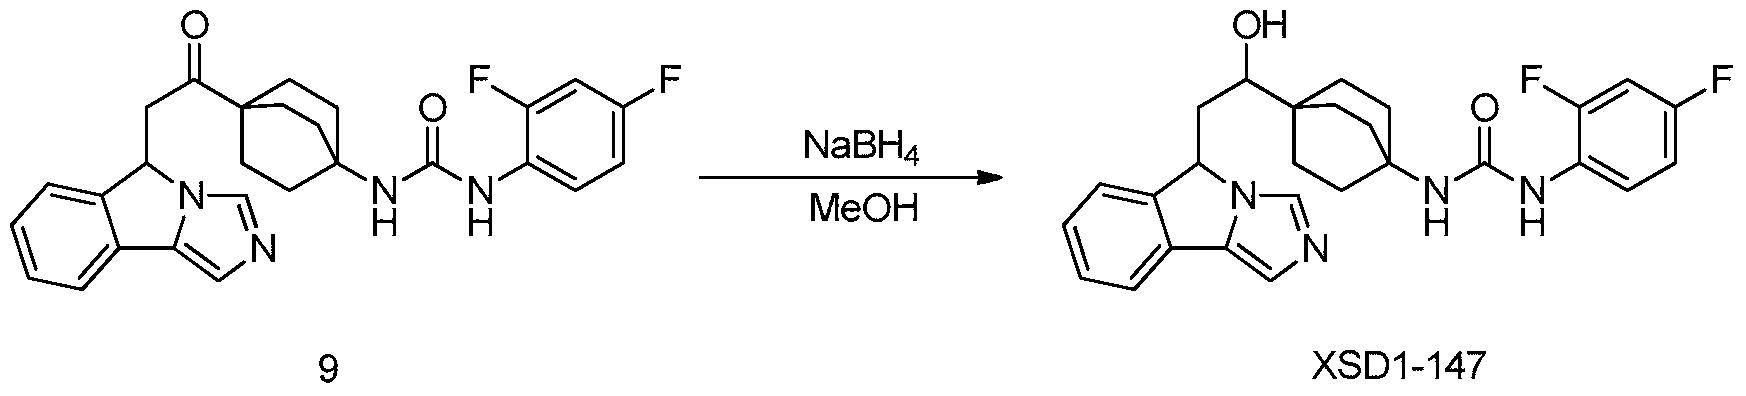 Figure PCTCN2017084604-appb-000187